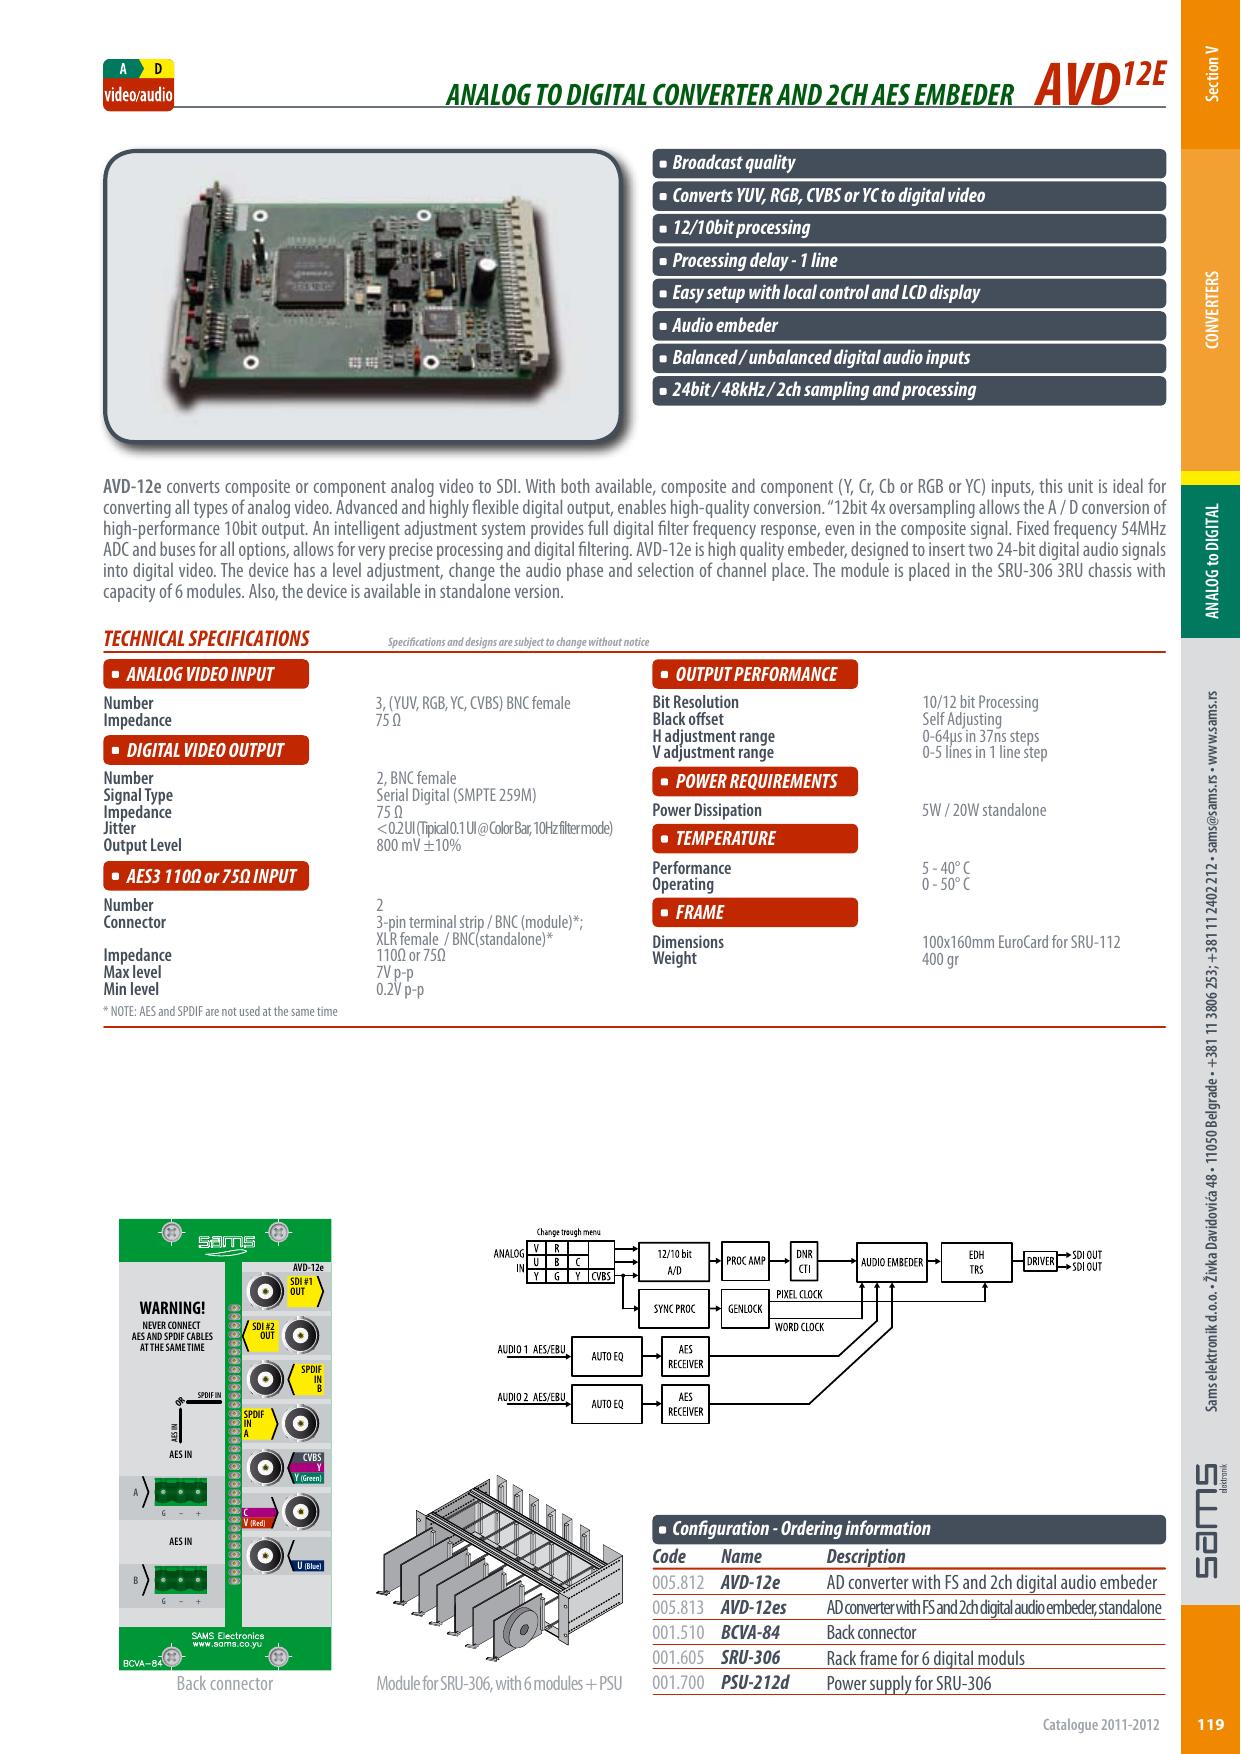 analog to digital converter and 2ch aes embeder avd12e | manualzz com